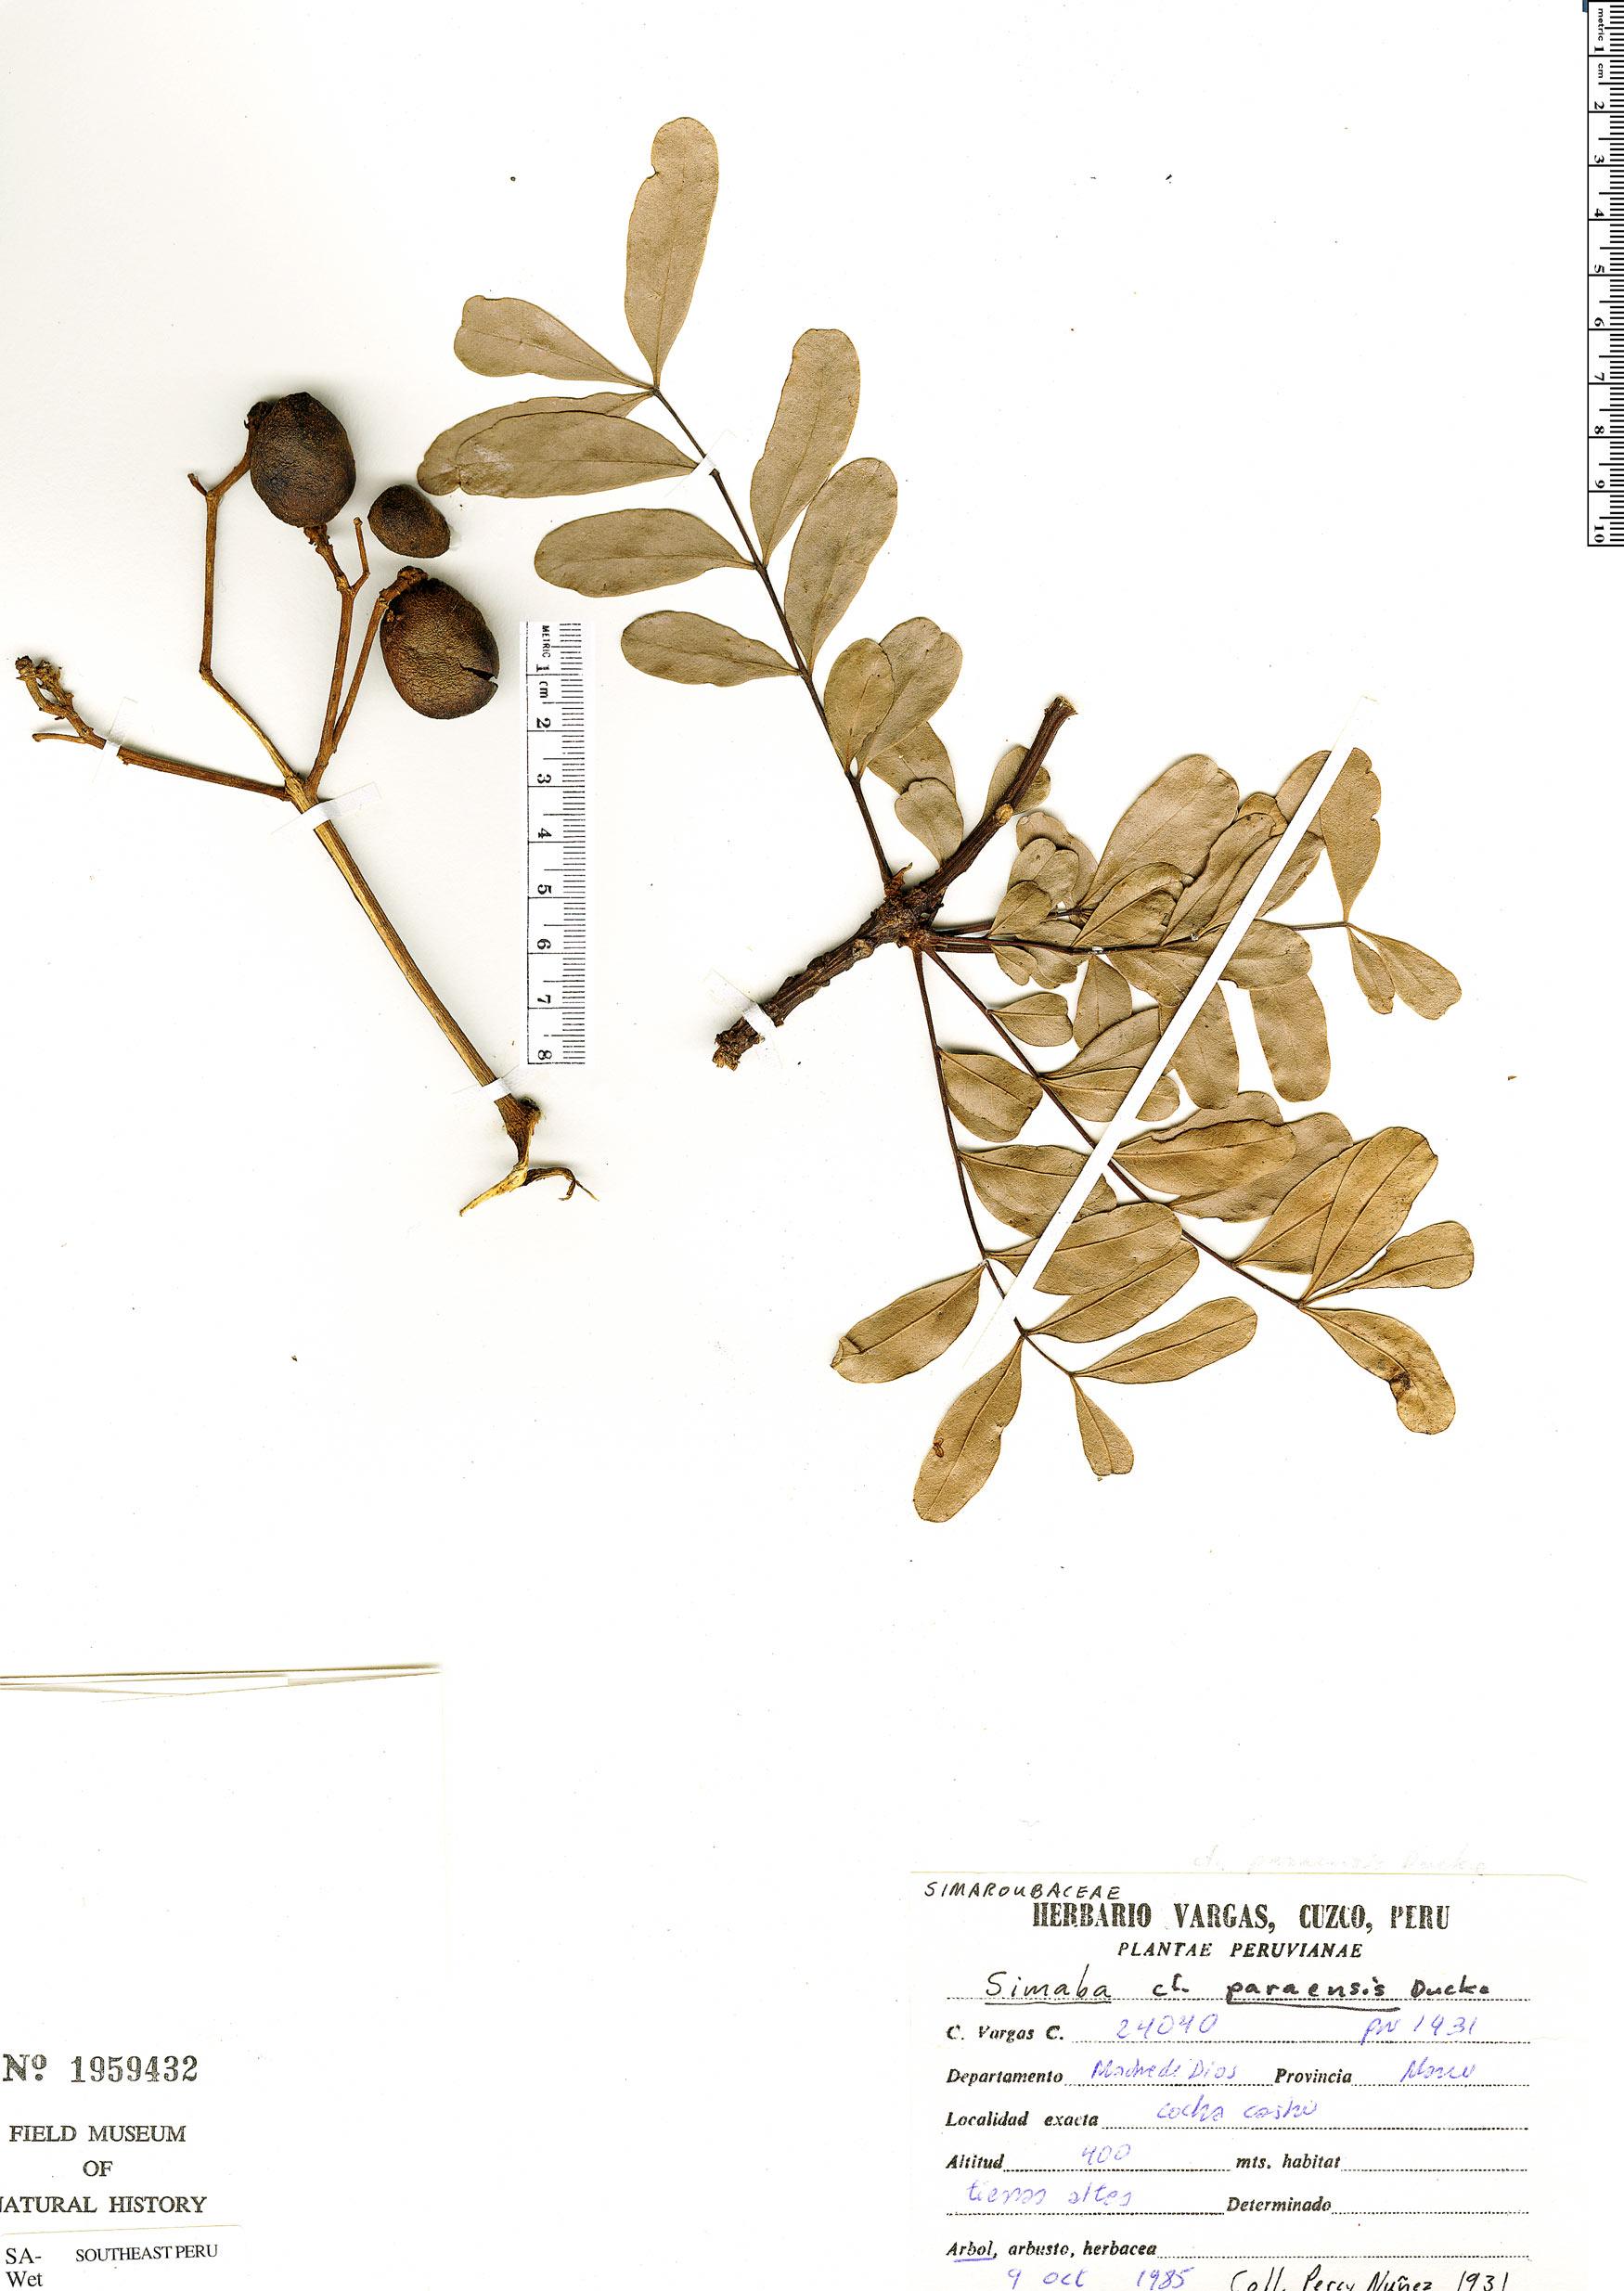 Specimen: Simaba paraensis